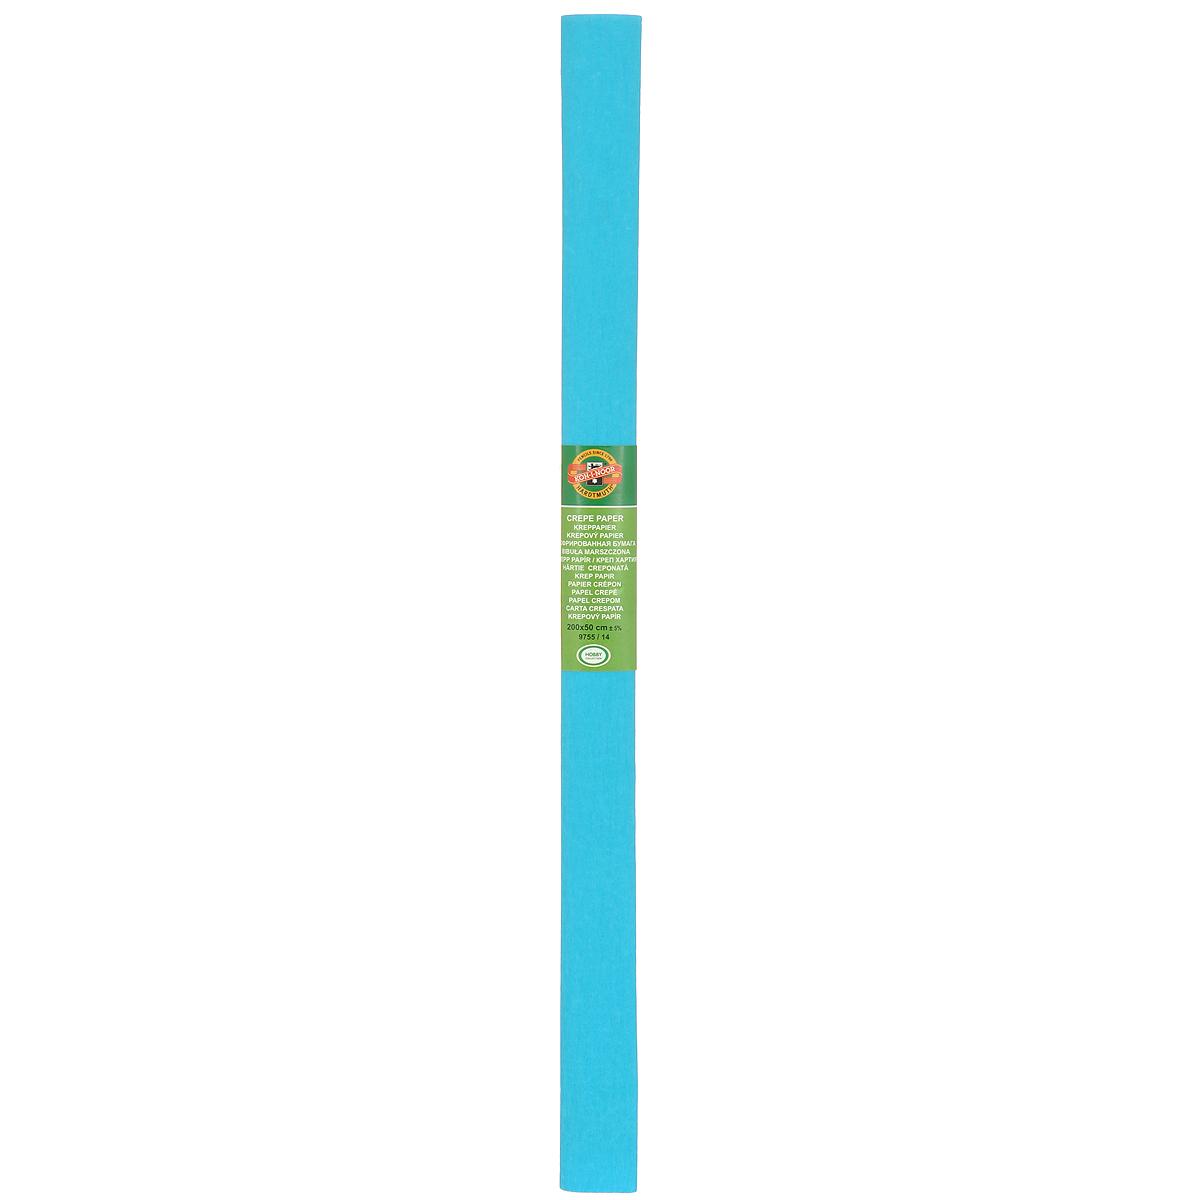 Бумага гофрированная Koh-I-Noor, цвет: голубой, 50 см x 2 м09840-20.000.00Гофрированная бумага Koh-I-Noor - прекрасный материал для декорирования, изготовления эффектной упаковки и различных поделок. Бумага прекрасно держит форму, не пачкает руки, отлично крепится и замечательно подходит для изготовления праздничной упаковки для цветов.